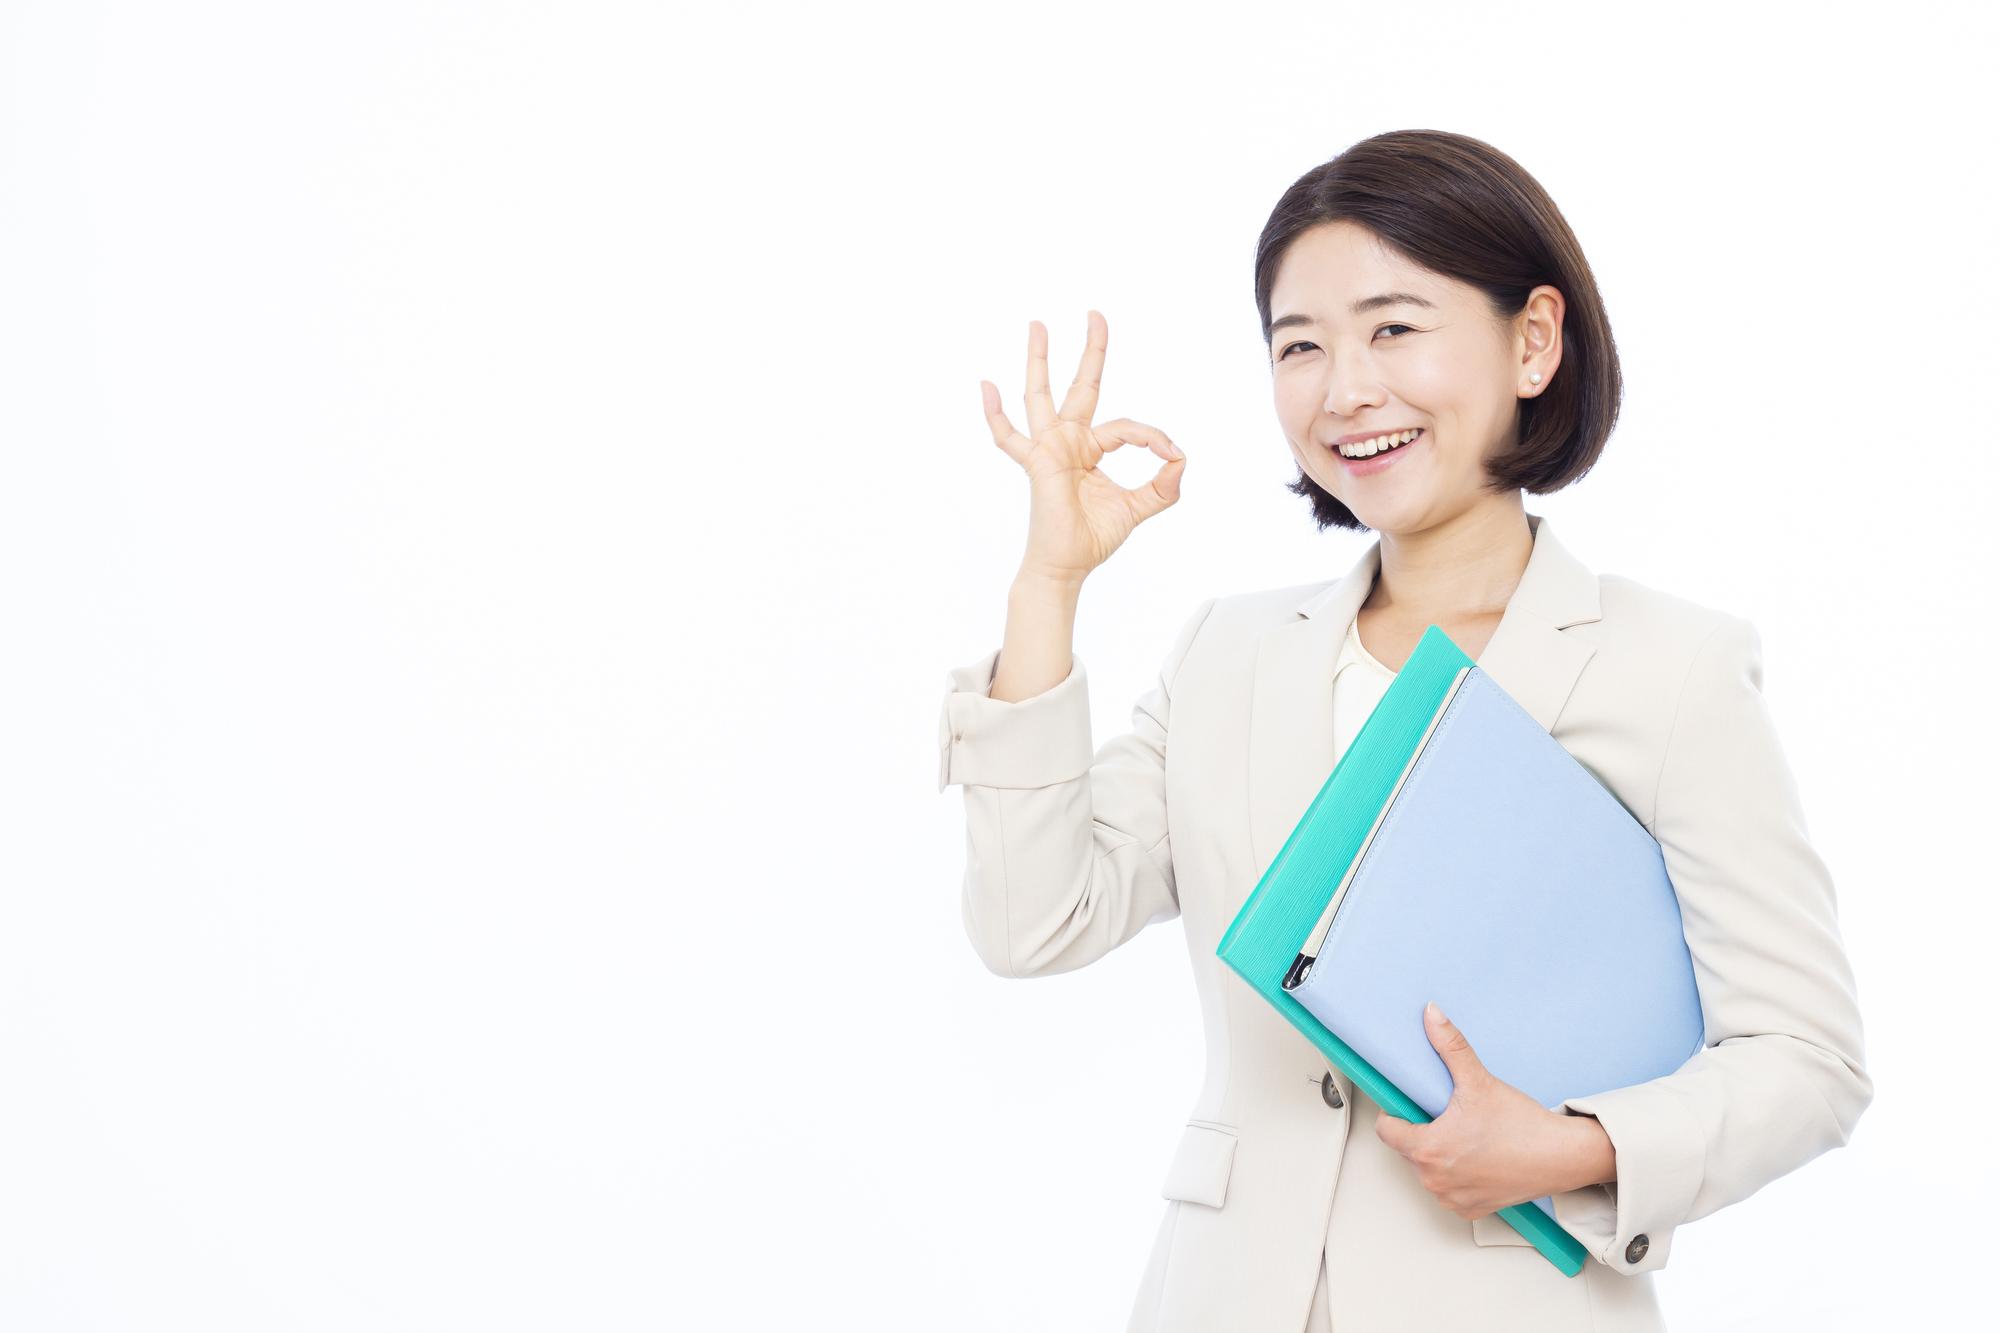 指で丸を作る女性